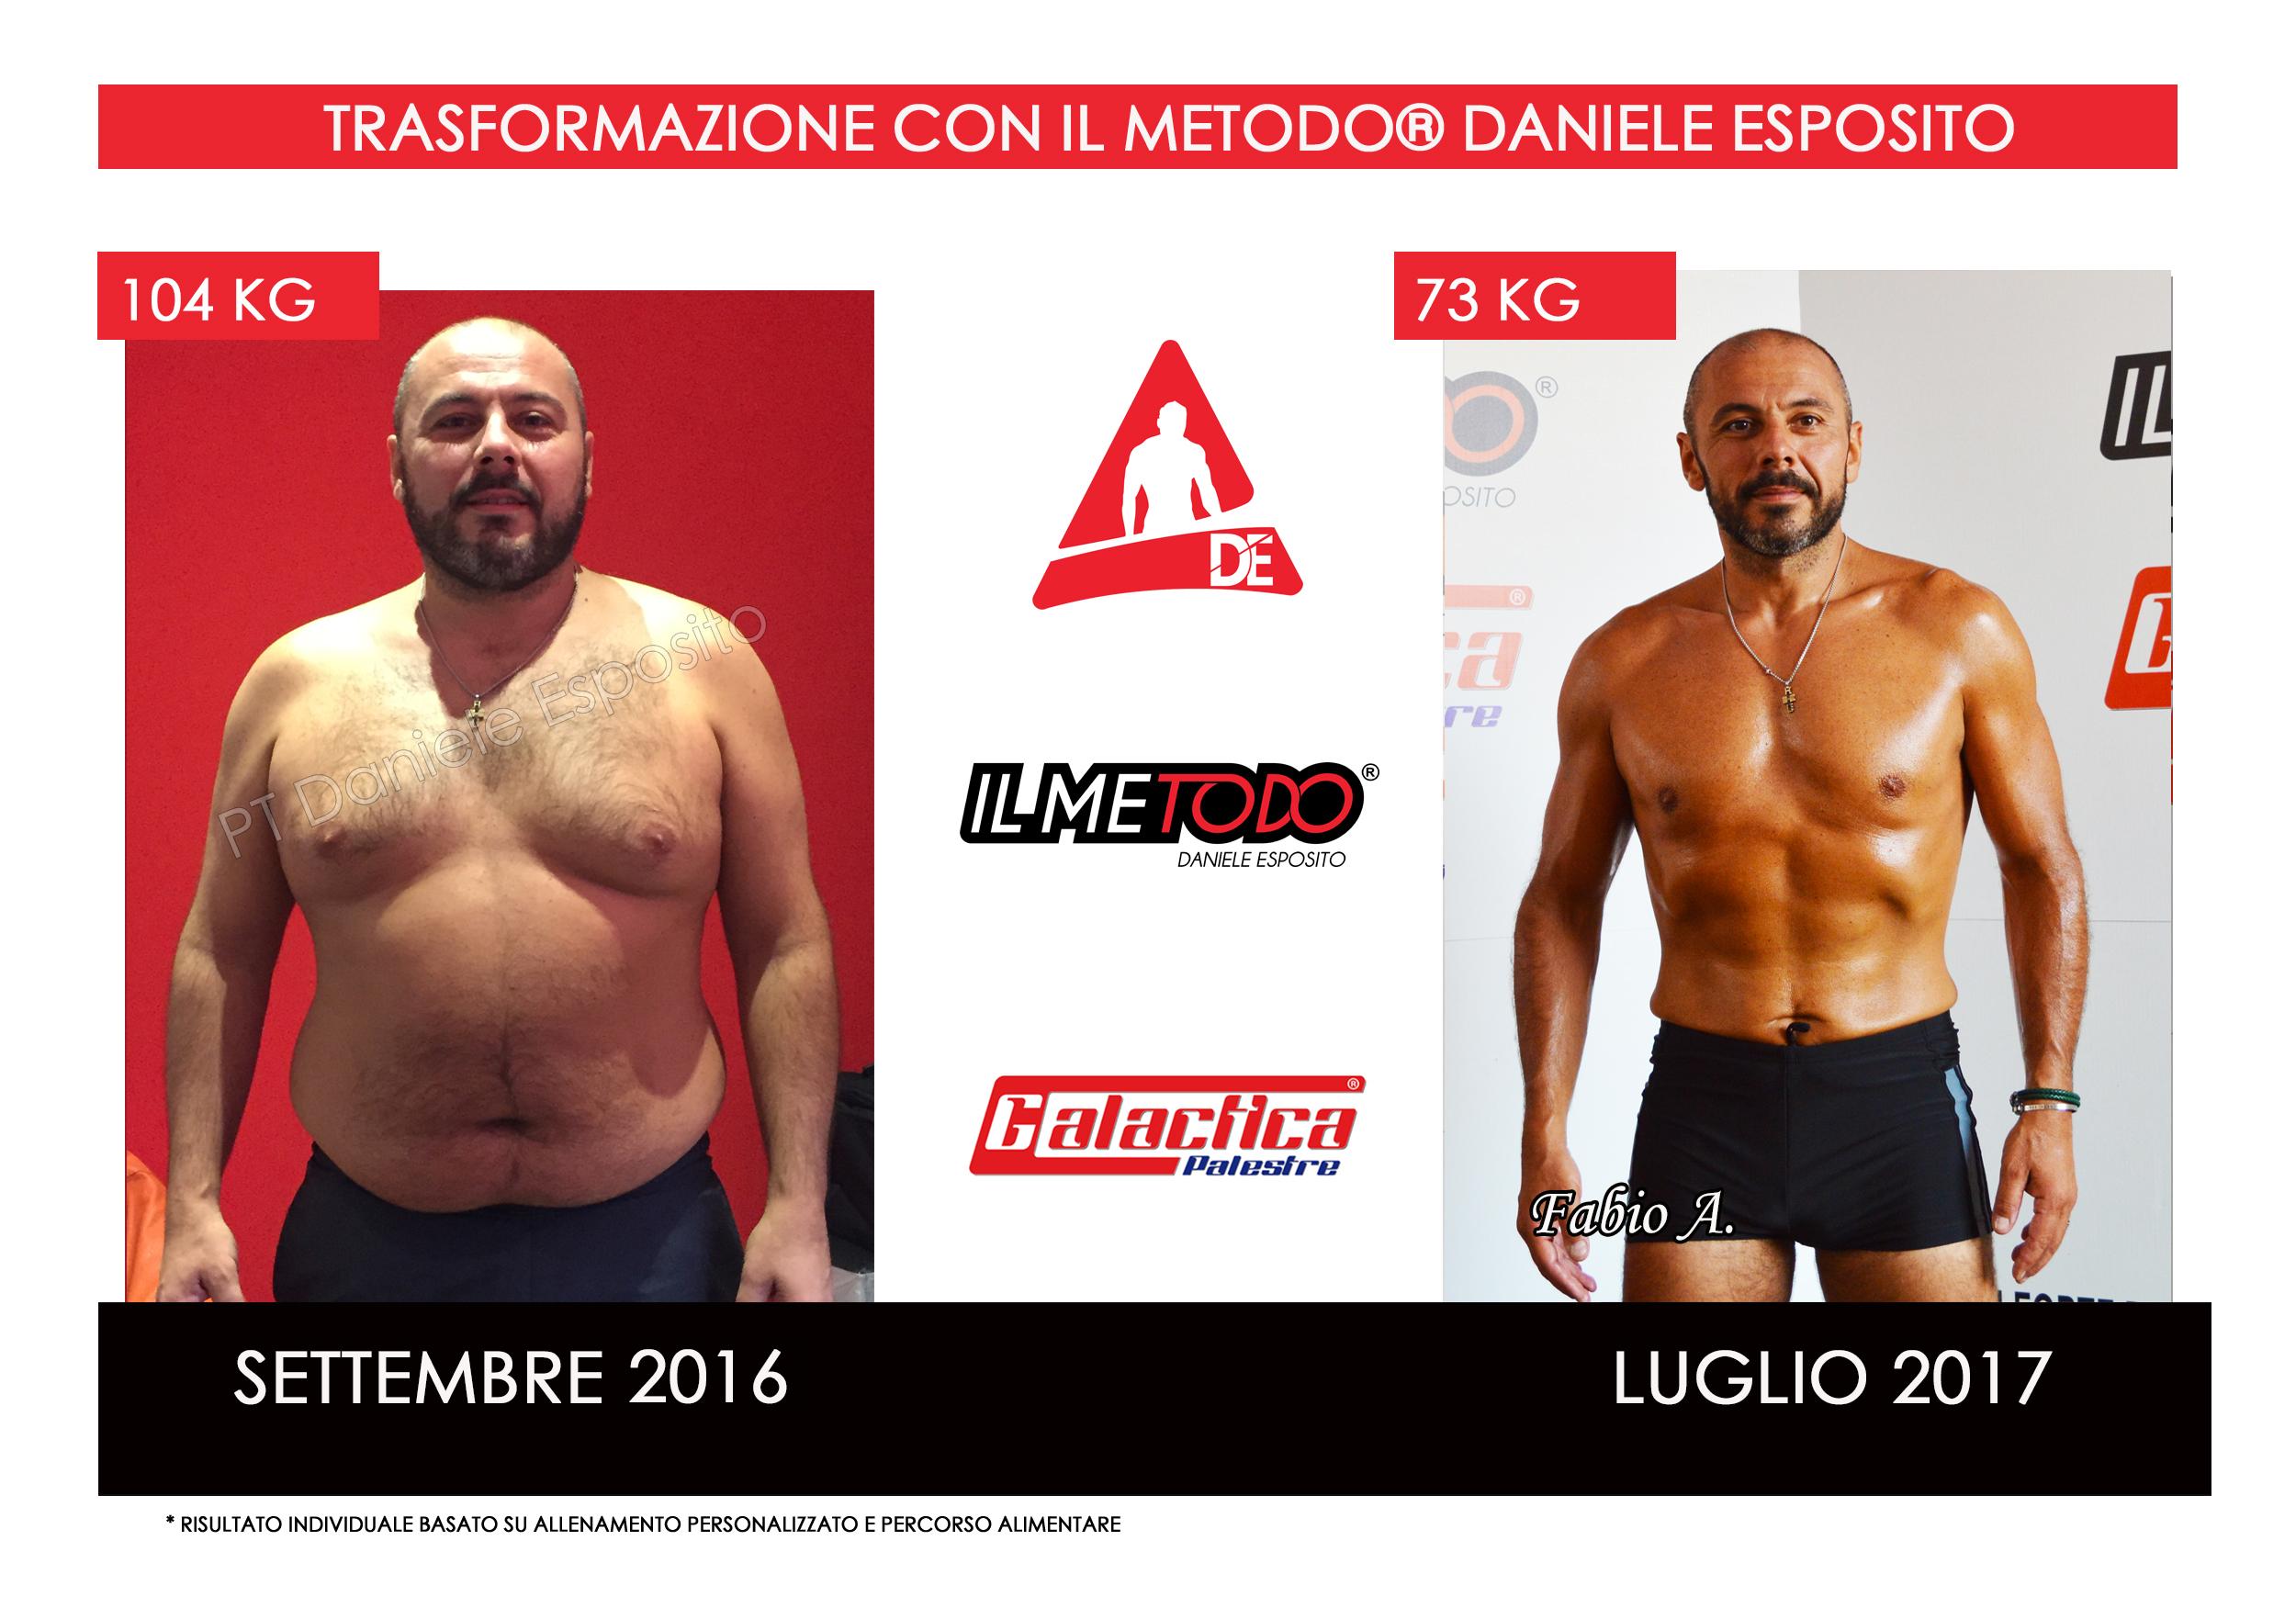 Avagnano Fabio - il Metodo® Daniele Esposito